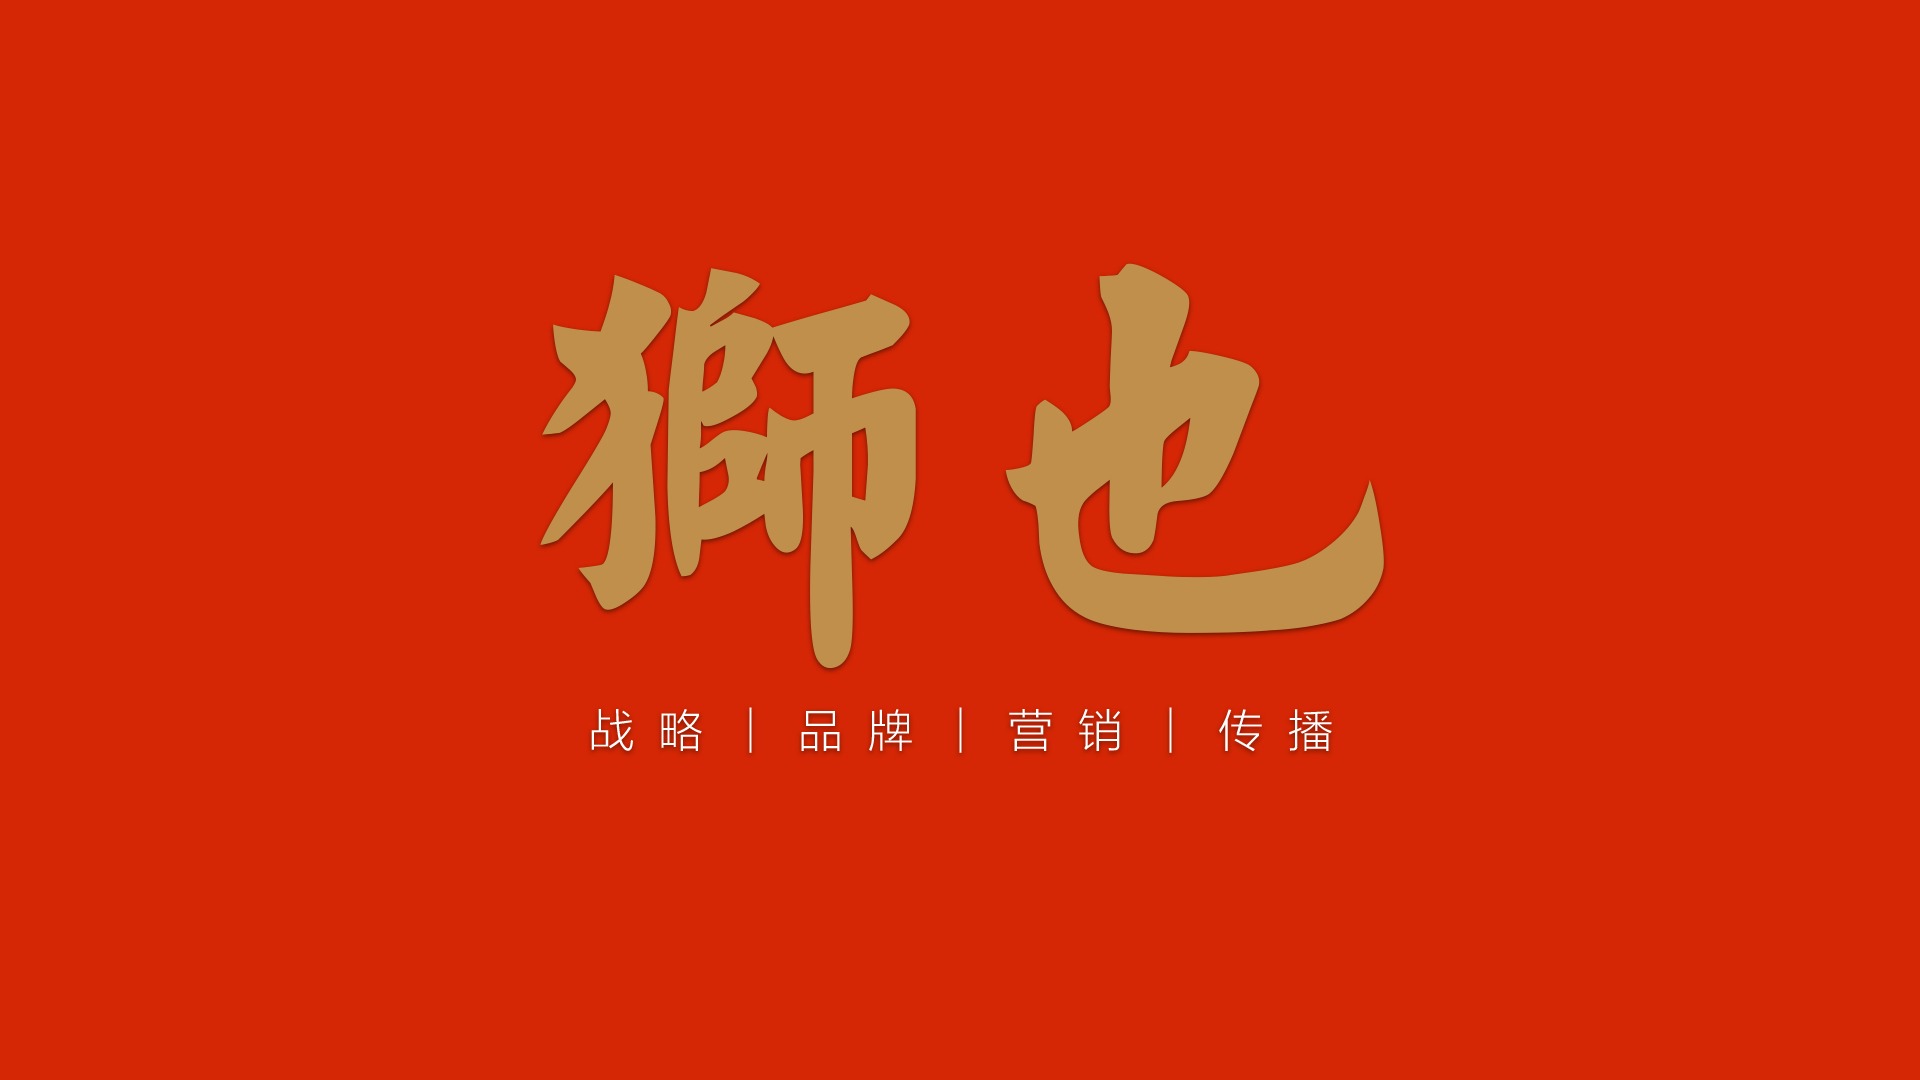 什么是产品生命周期—山东济南狮也战略品牌营销策划咨询顾问公司